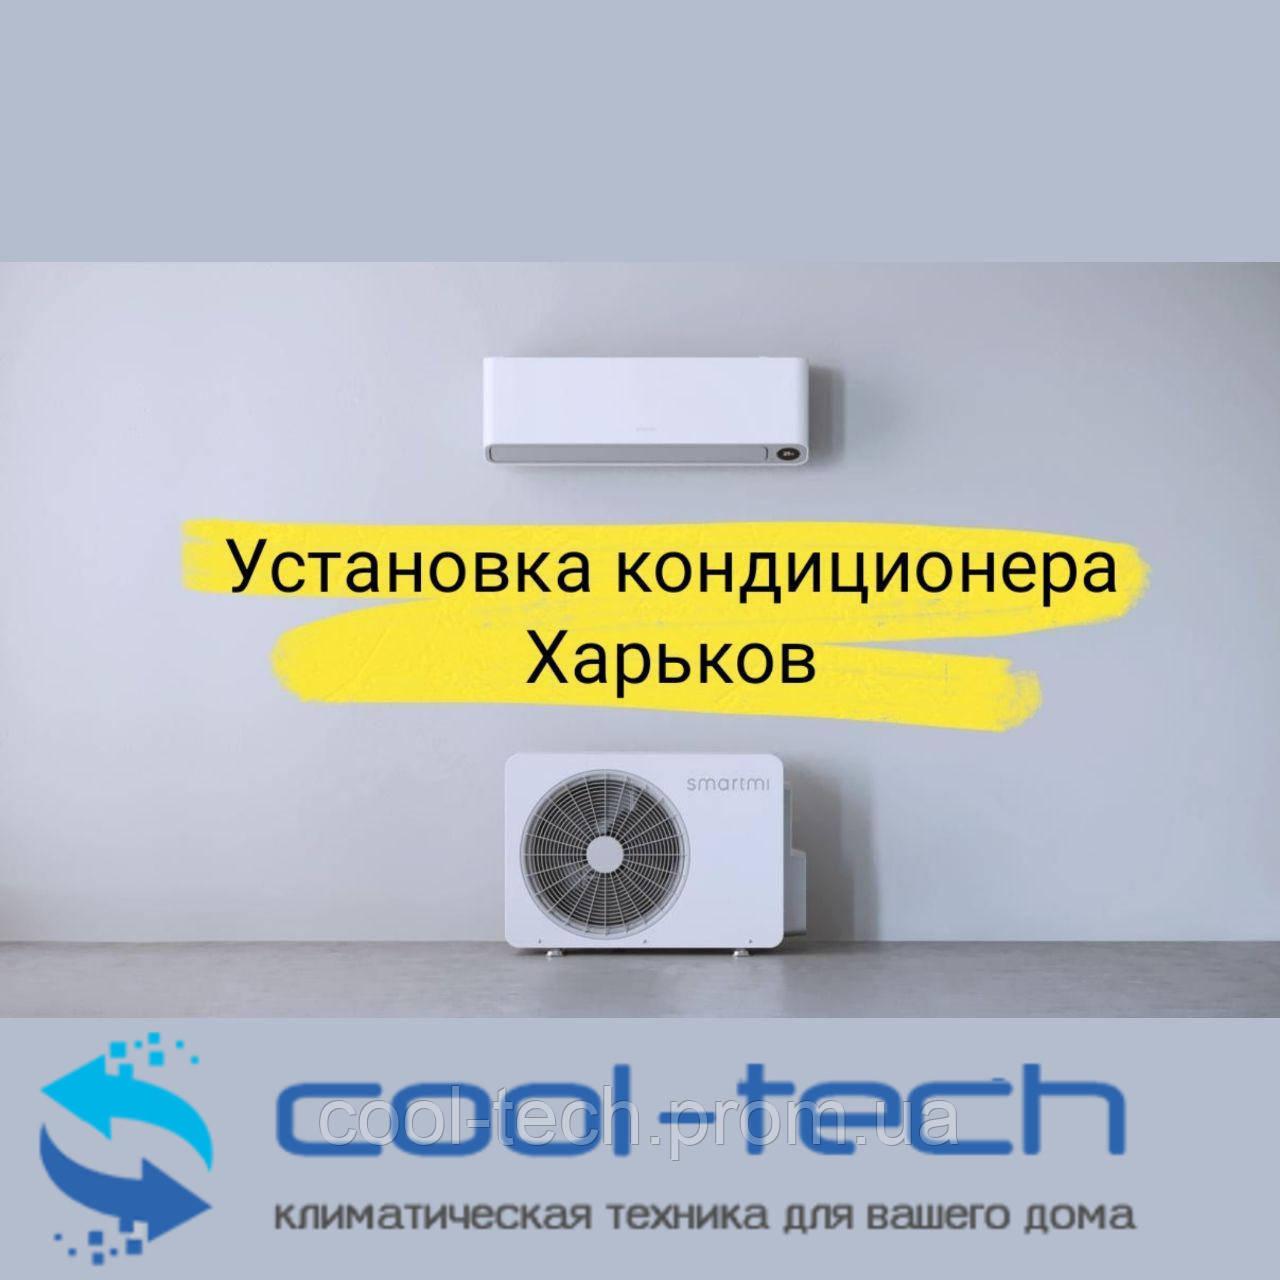 Установка кондиционера Харьков